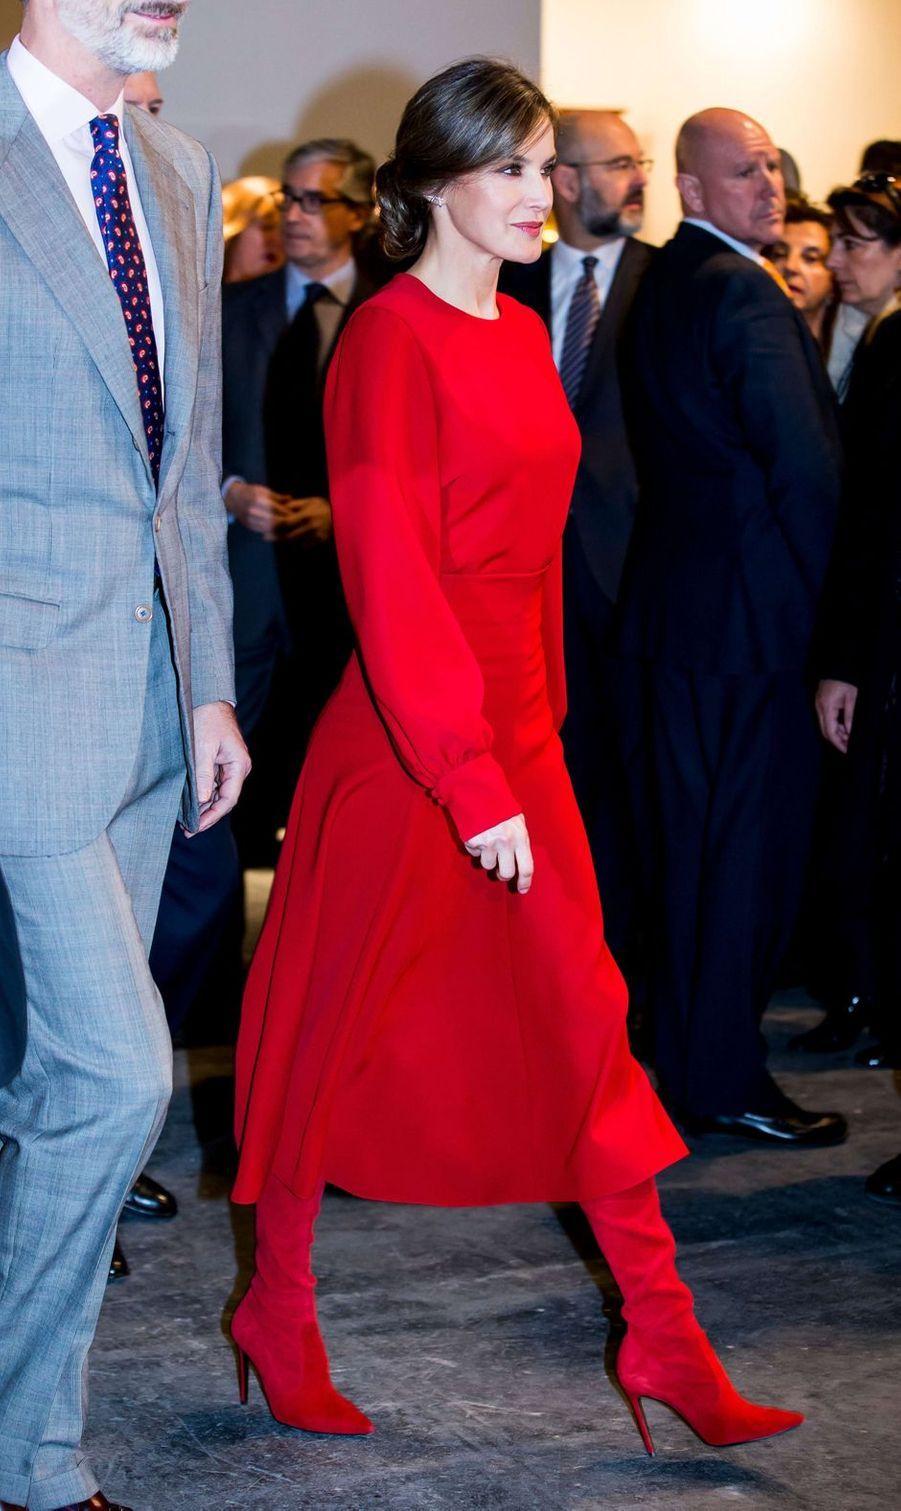 La reine Letizia d'Espagne, dans une robe et des bottes rouges, le 22 février 2018